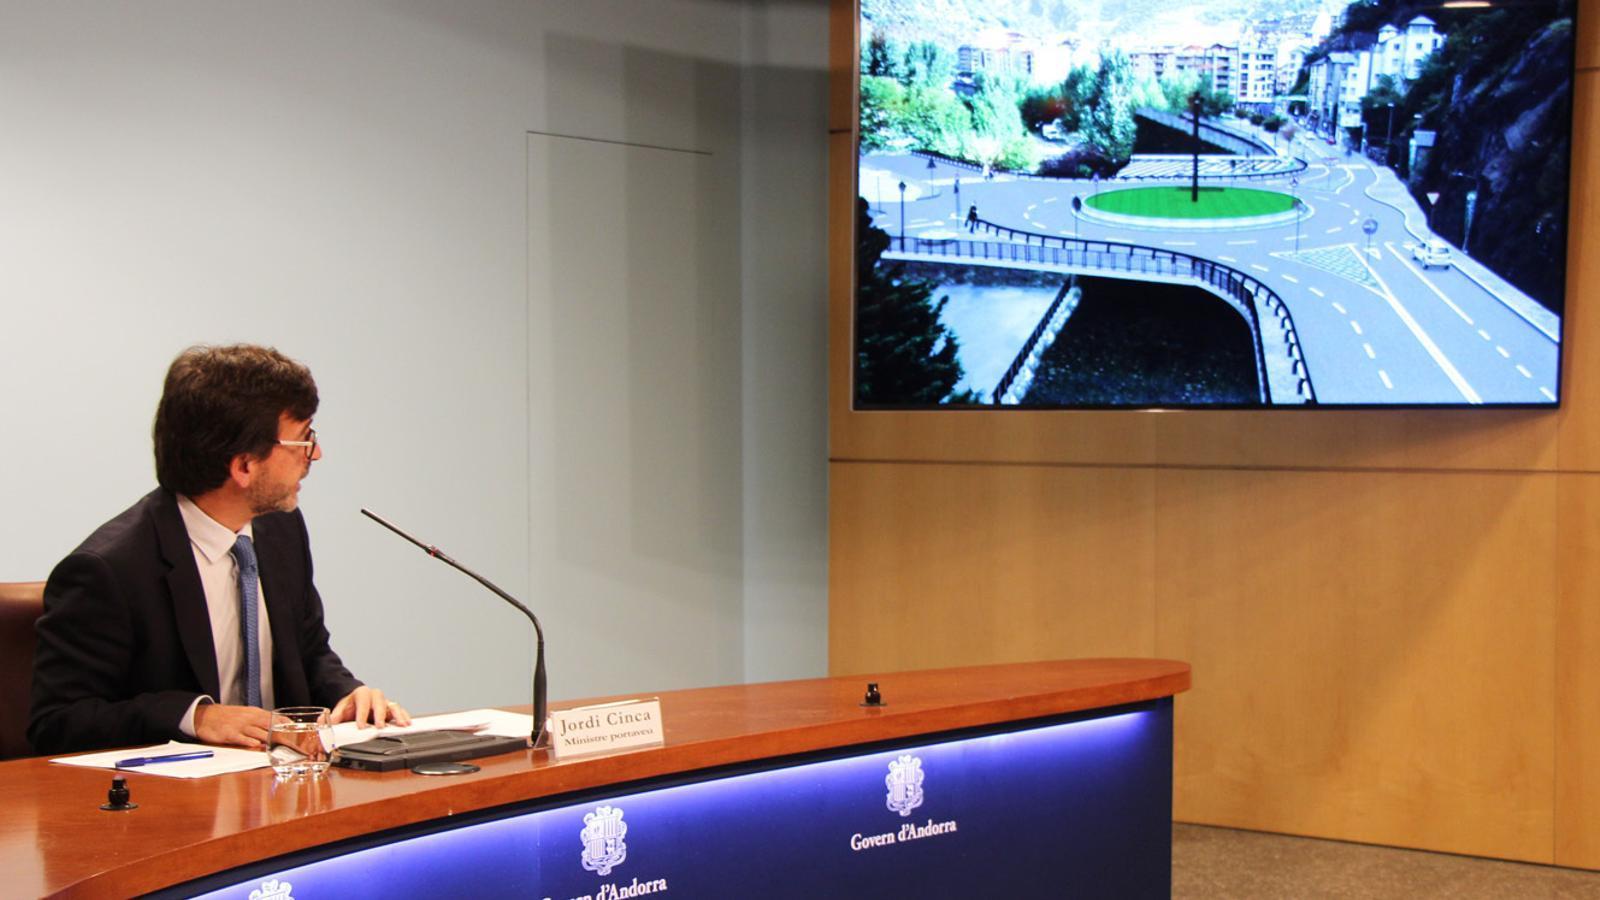 El ministre portaveu, Jordi Cinca, mostra una imatge virtual de com serà la futura rotonda de la Fontaneda. / B. N. (ANA)